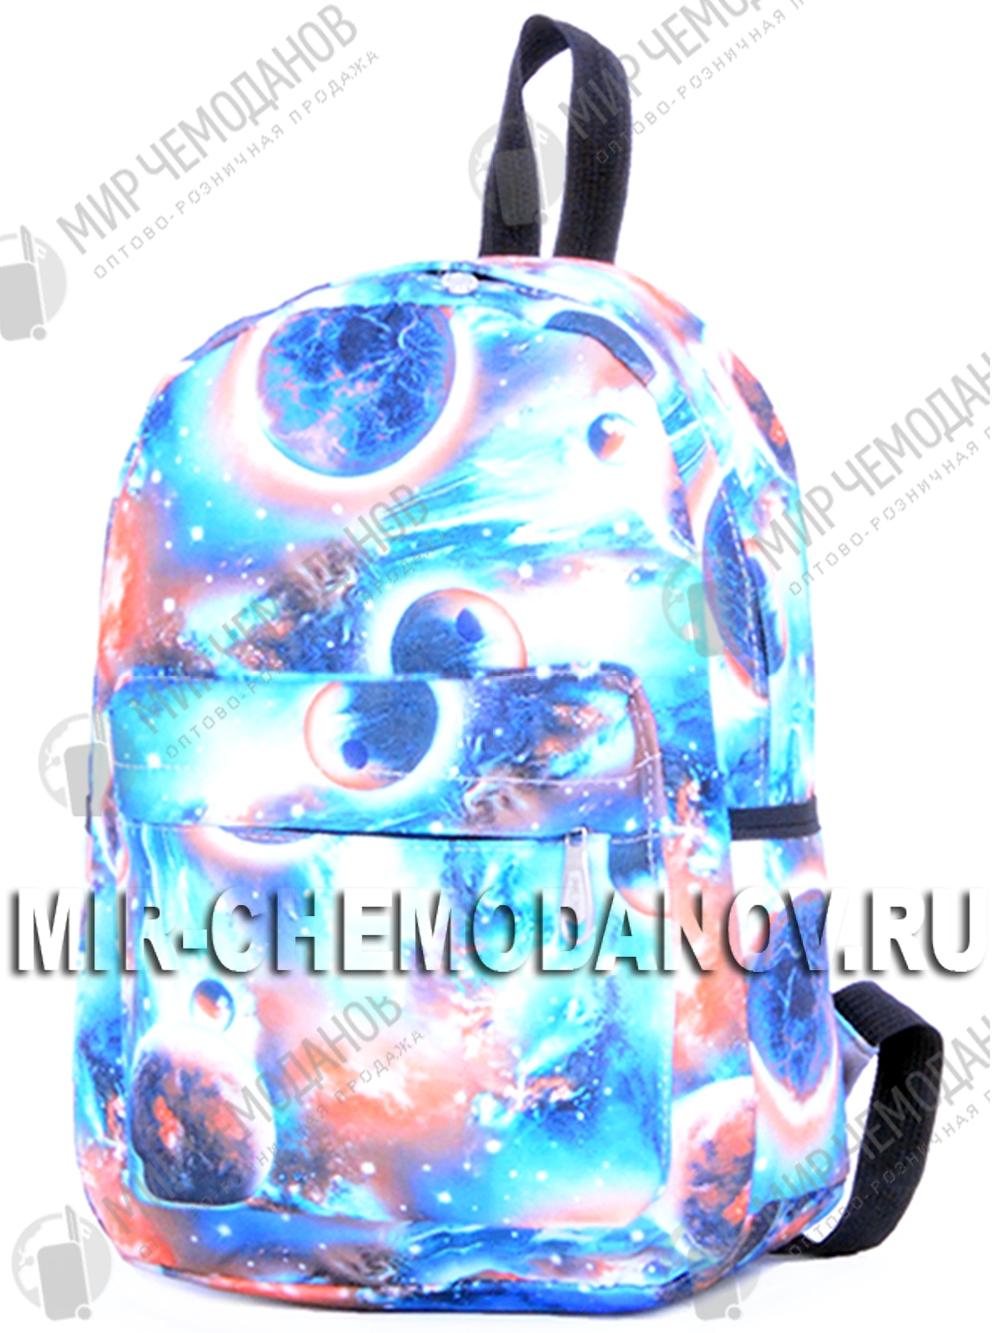 Сбор заказов. Рюкзаки для малышей и подростков, а также планшеты и детские чемоданы. Огромный выбор на любой цвет и вкус-6 СКОРО СТОП!